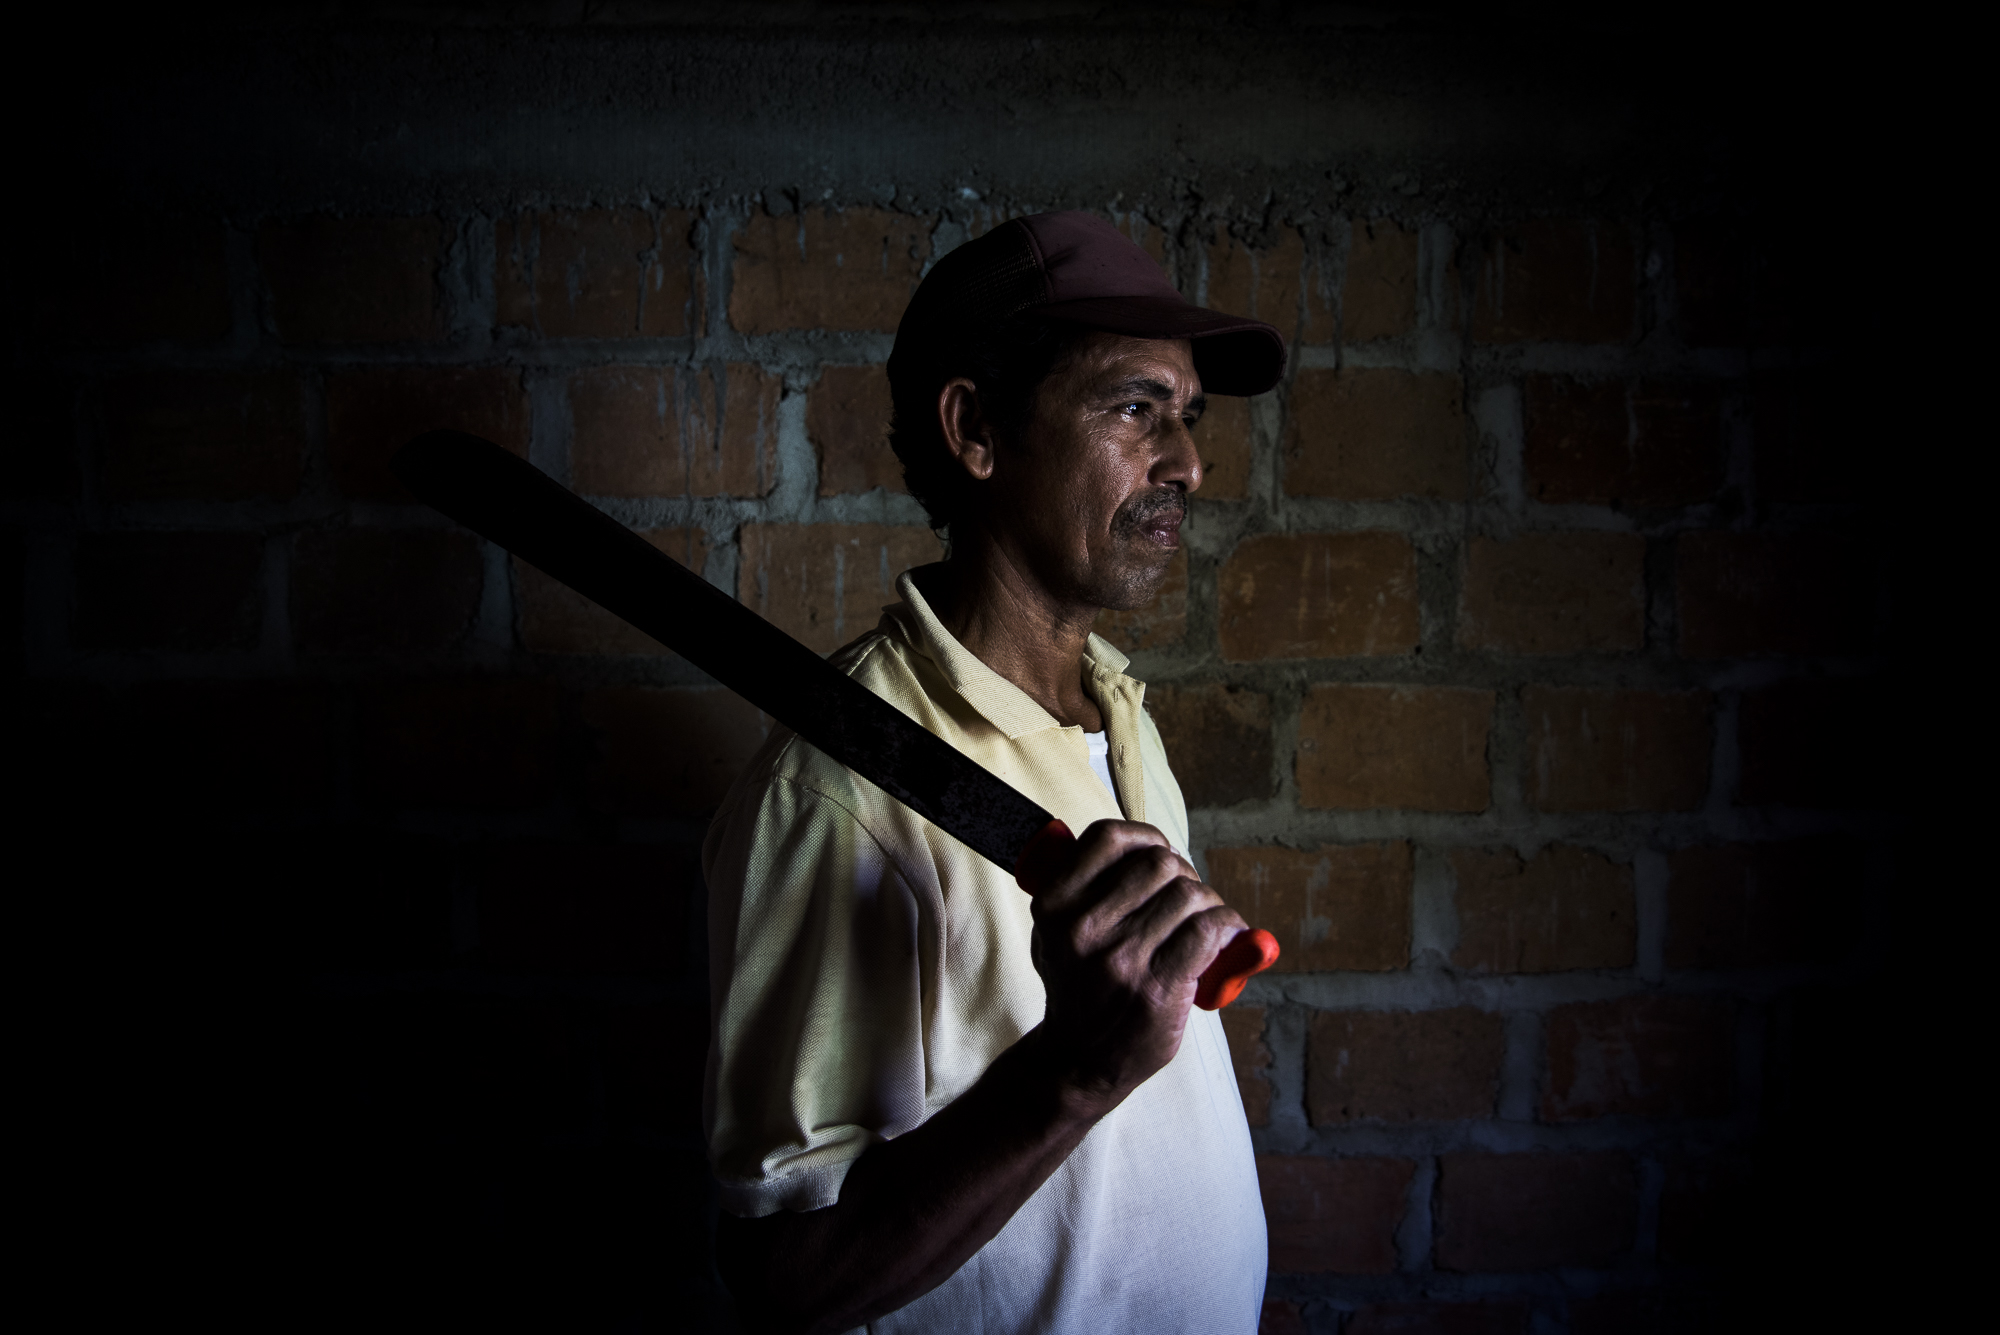 Manuel, campesino bellavistero de 65 años, fue el primero en retornar a Bellavista (Magdalena) hace solo un par de años. Lo mas duro de regresar fue caminar frente a la casa en dondee nacio y verla en el suelo, en la epoca de la violencia pasaba la mayoria del tiempo escondido en aquel refugio.